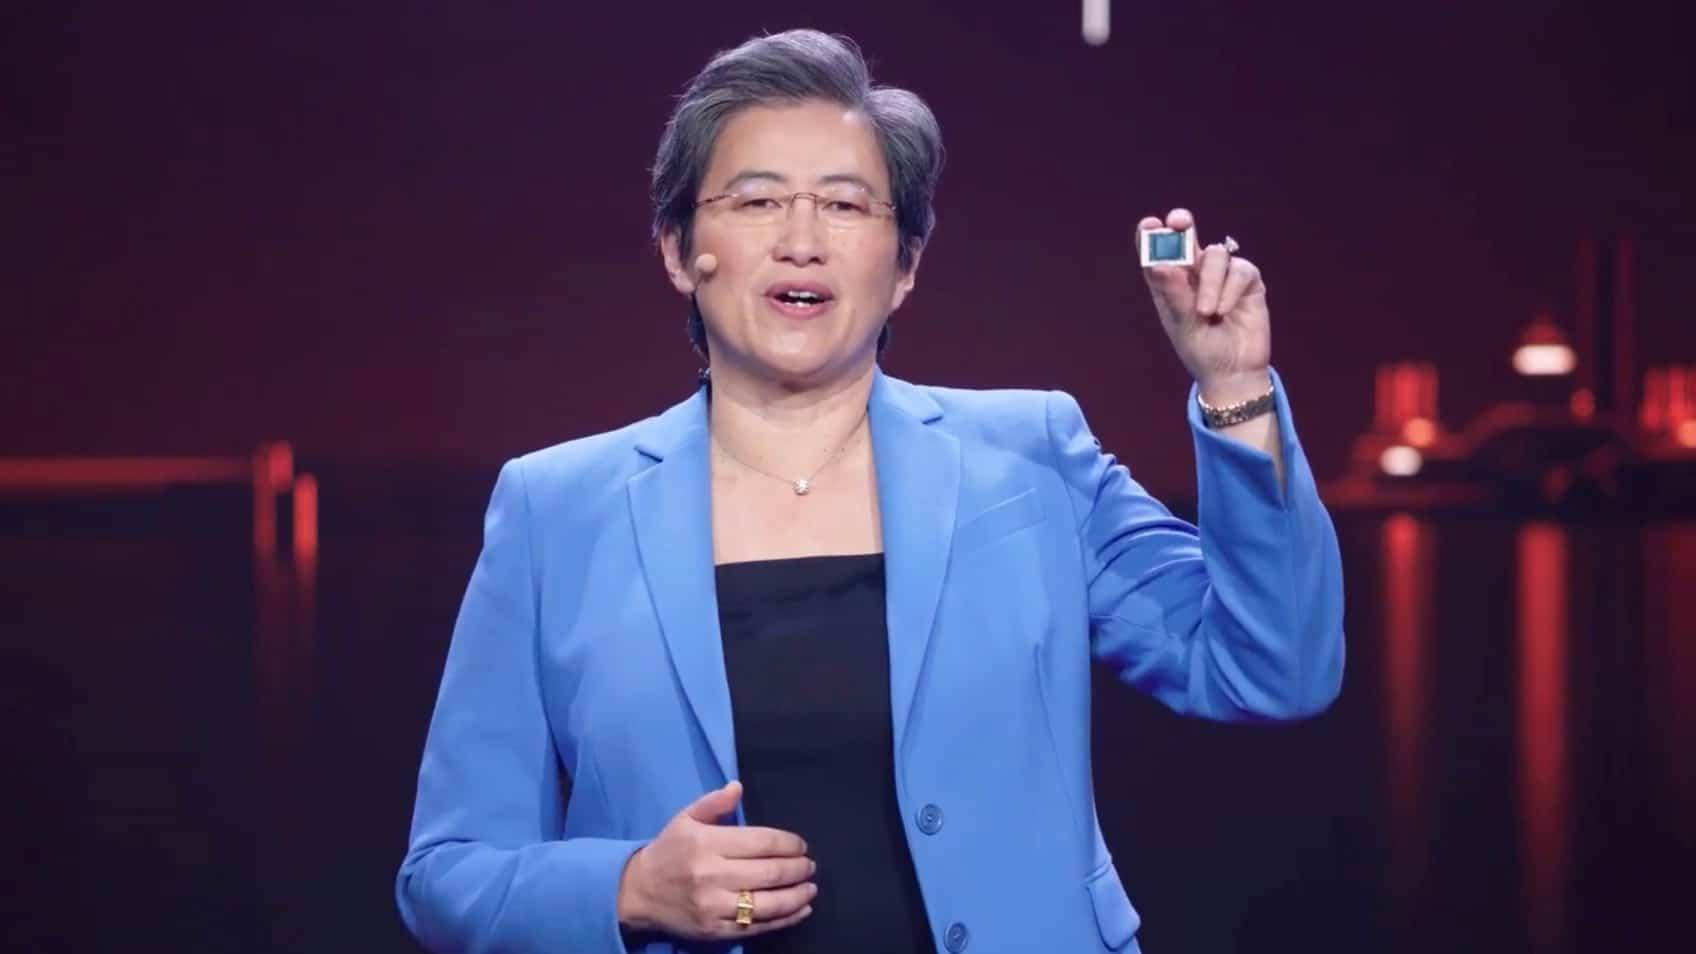 AMD Ryzen 5000 mobile processors